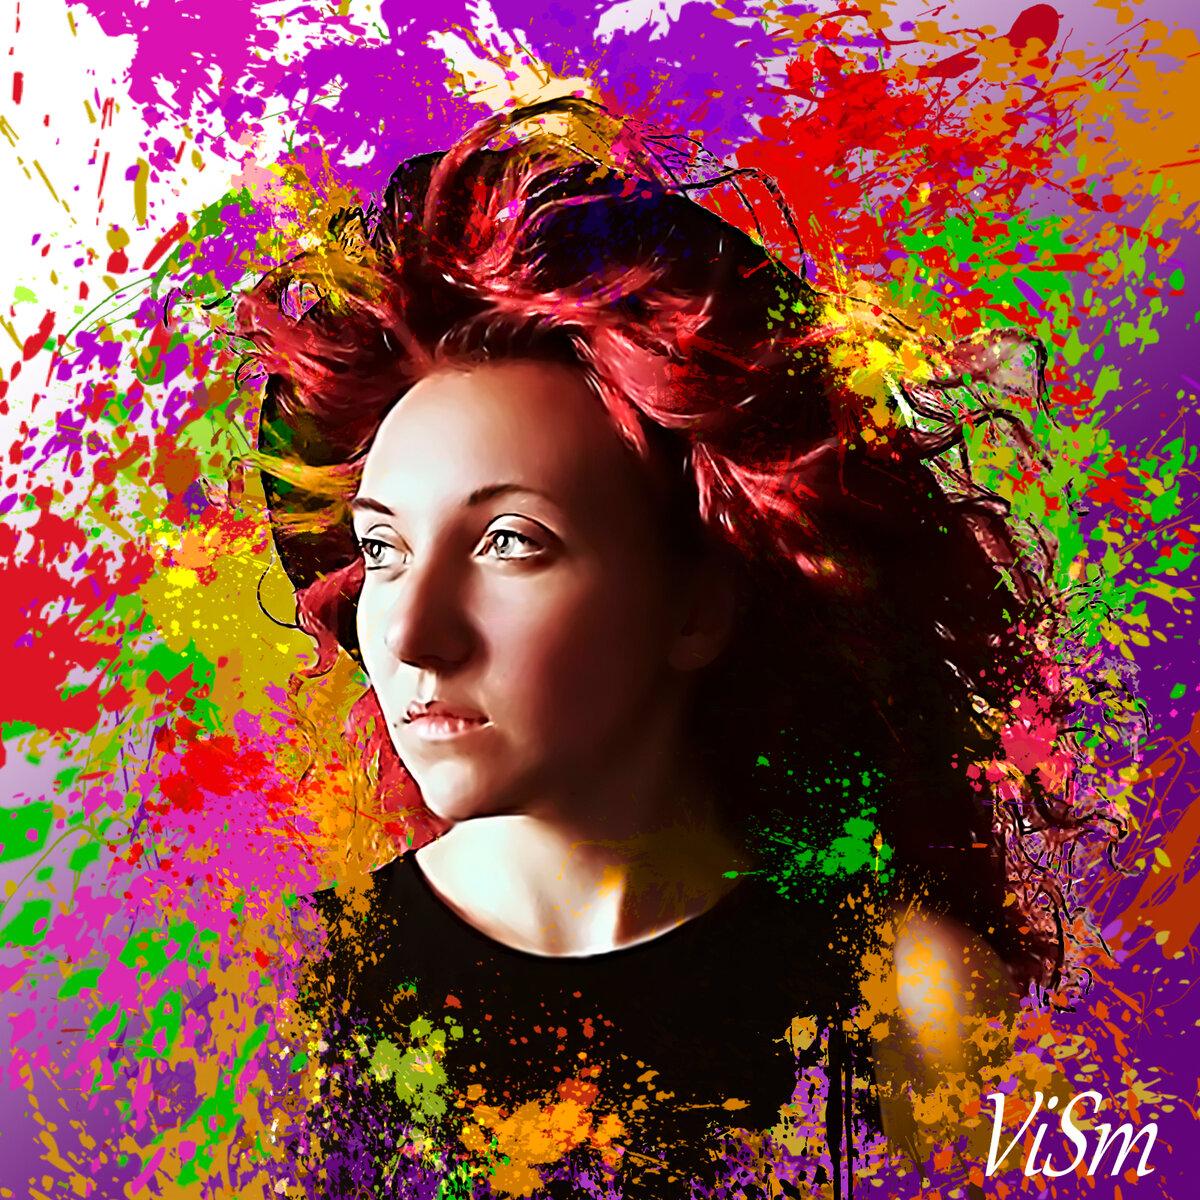 Обработать фото онлайн с эффектами поп-арт